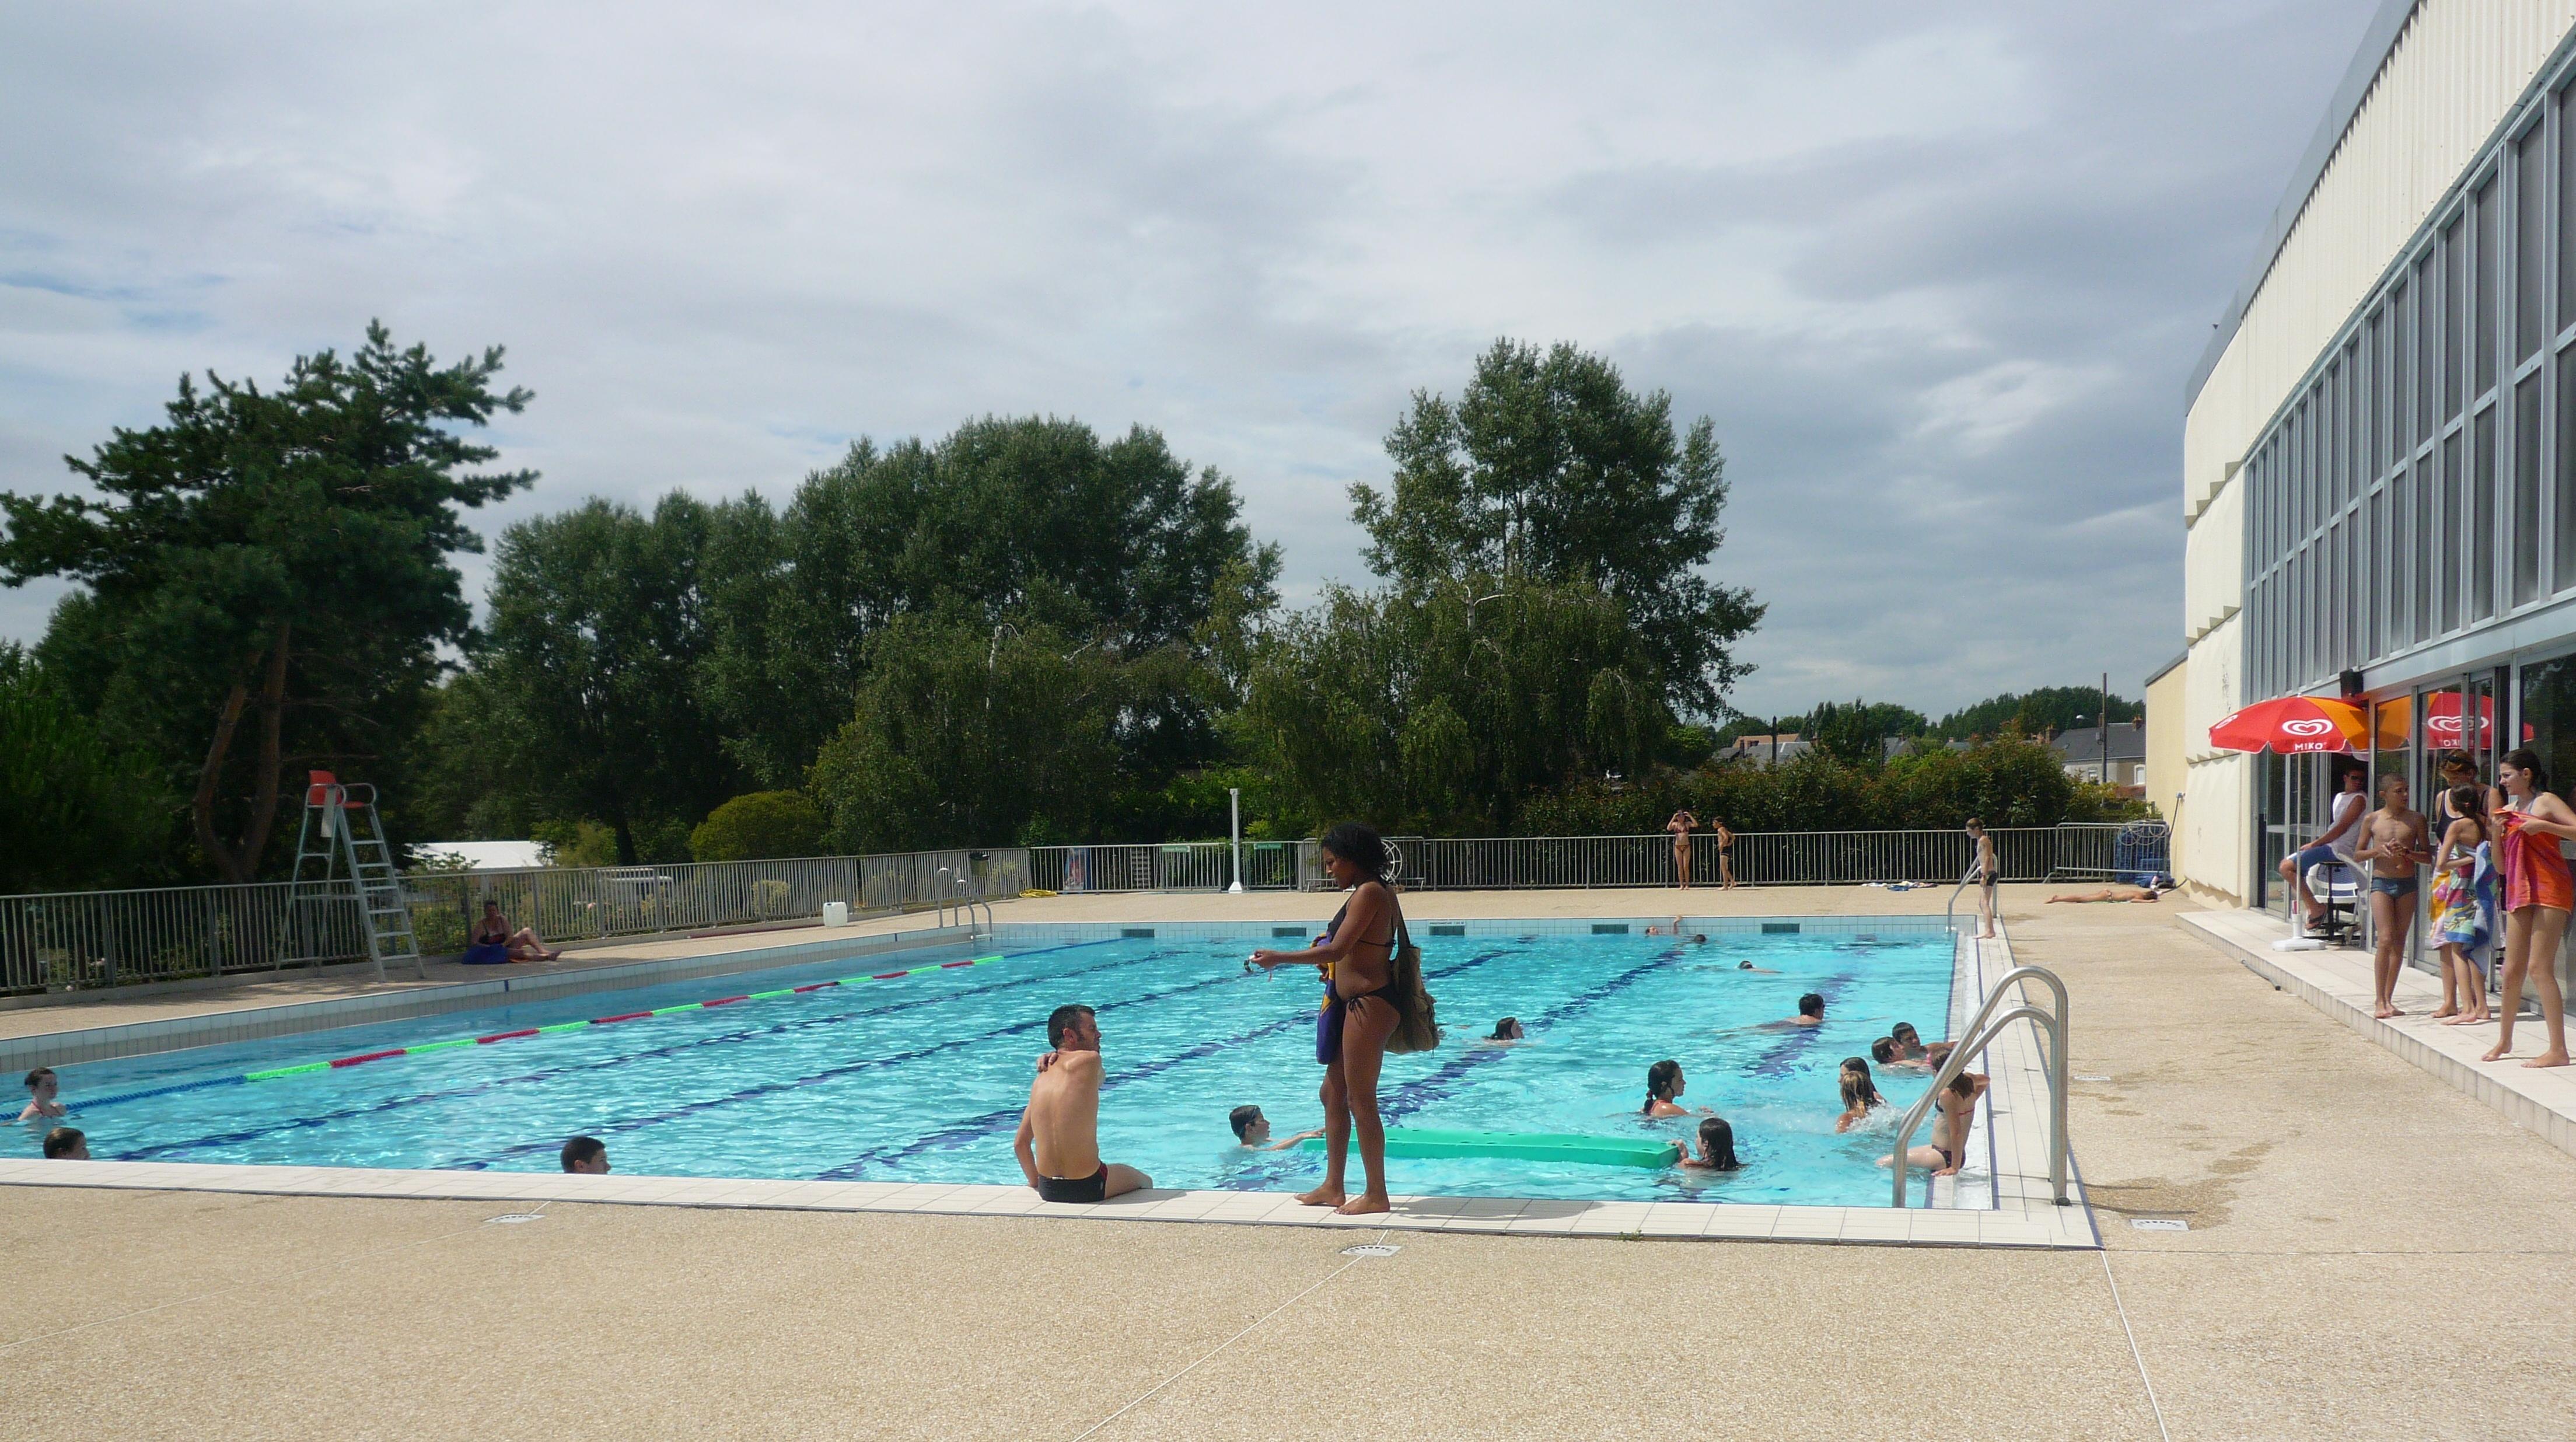 Erratum la piscine sera ouverte dimanche 2 juillet 2017 for Piscine 02 peronne